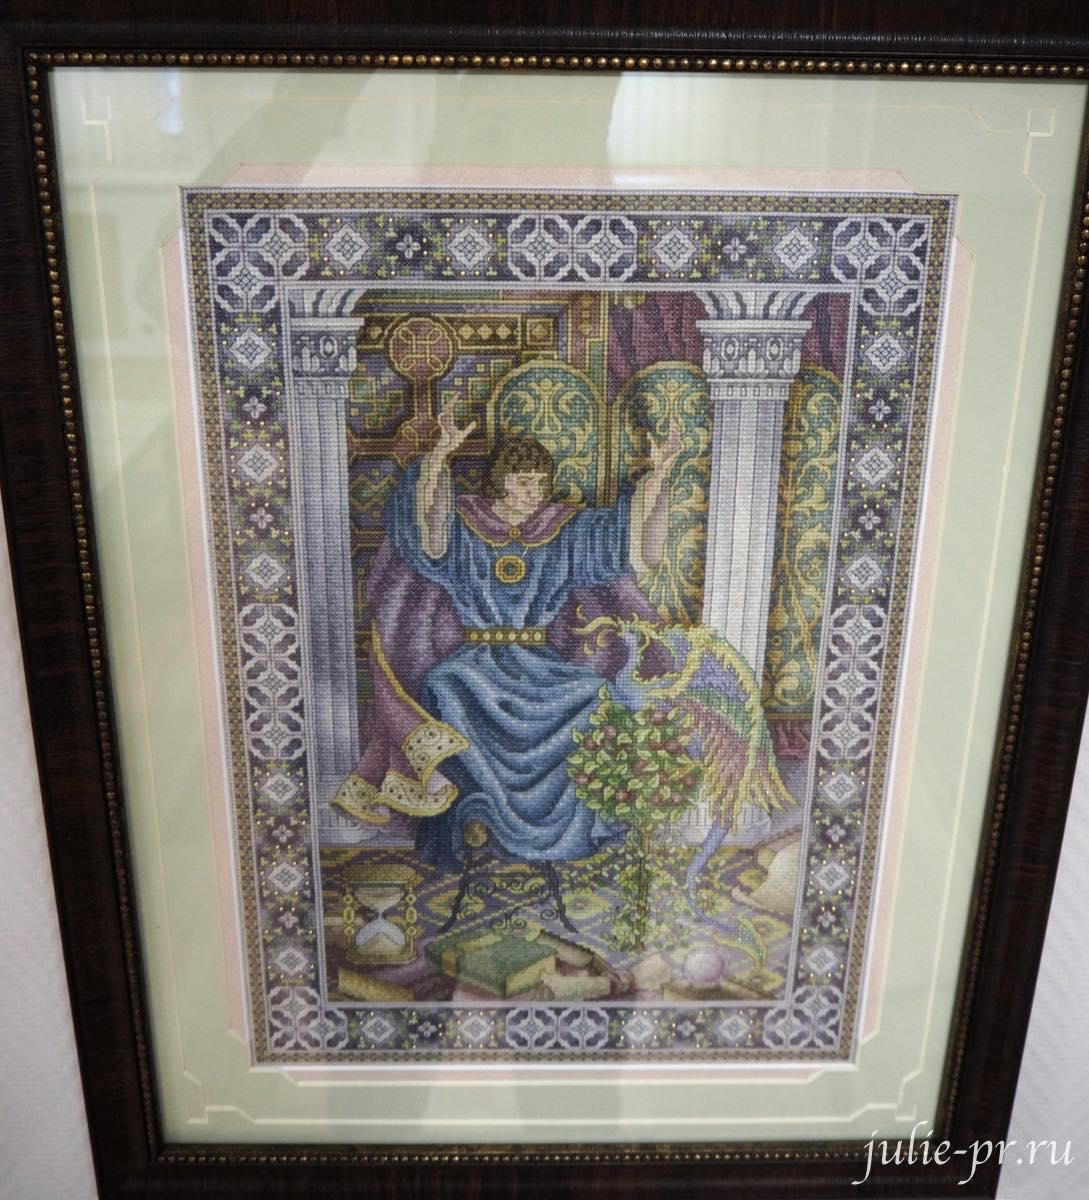 Тереза Венцлер, вышивка крестом, Teresa Wentzler, The Enchanter, Заклинатель